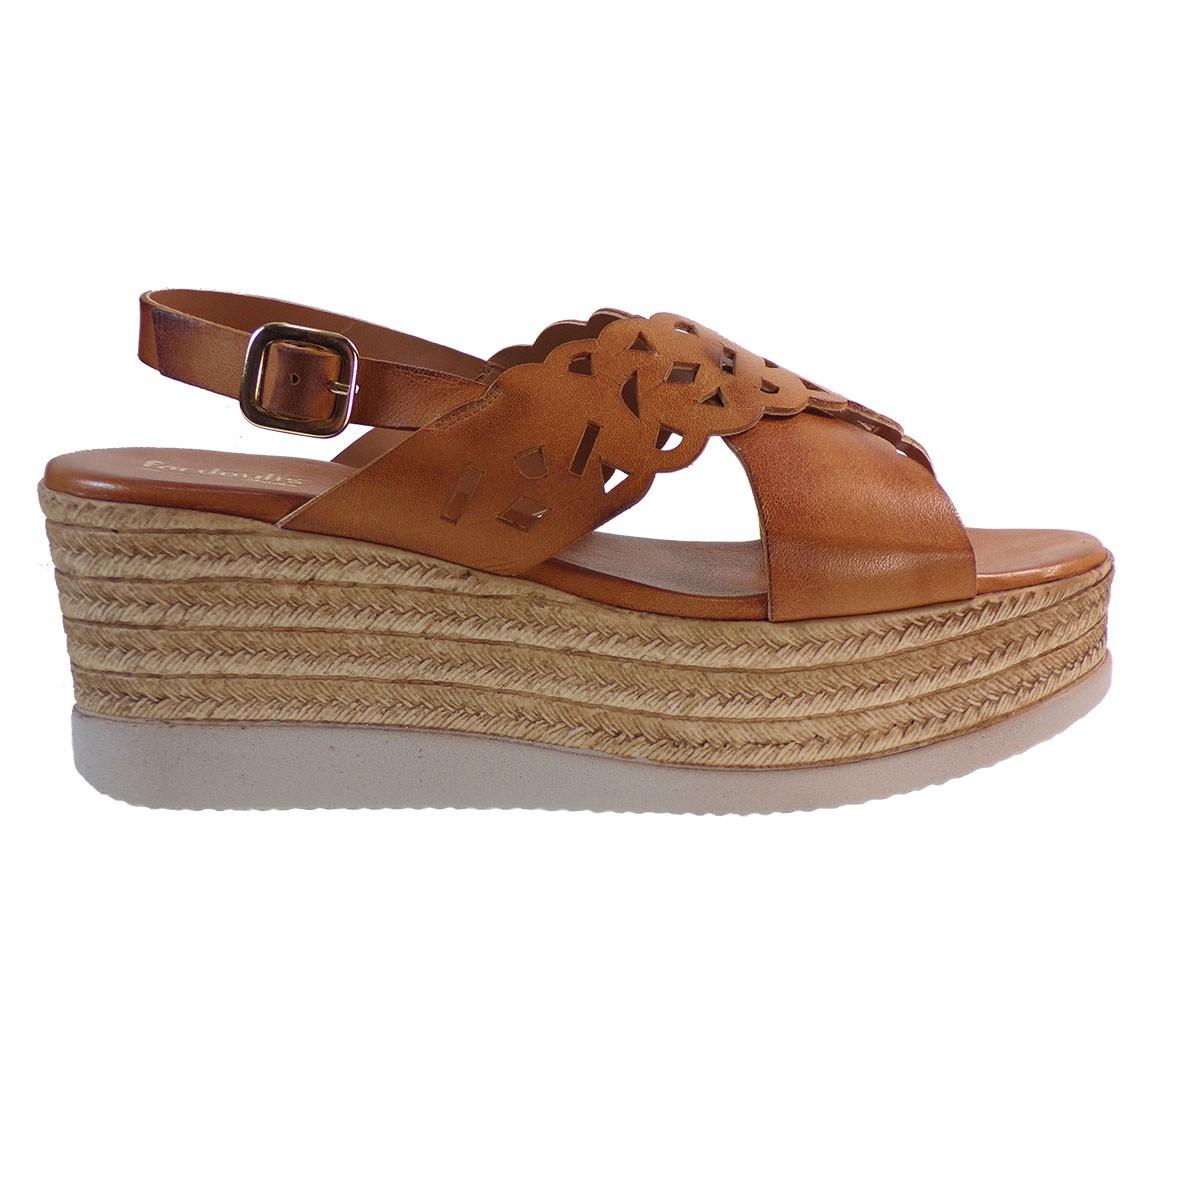 141da7d23e4 Fardoulis shoes Γυναικείες Πλατφόρμες Πέδιλα 64440 Ταμπά Δέρμα